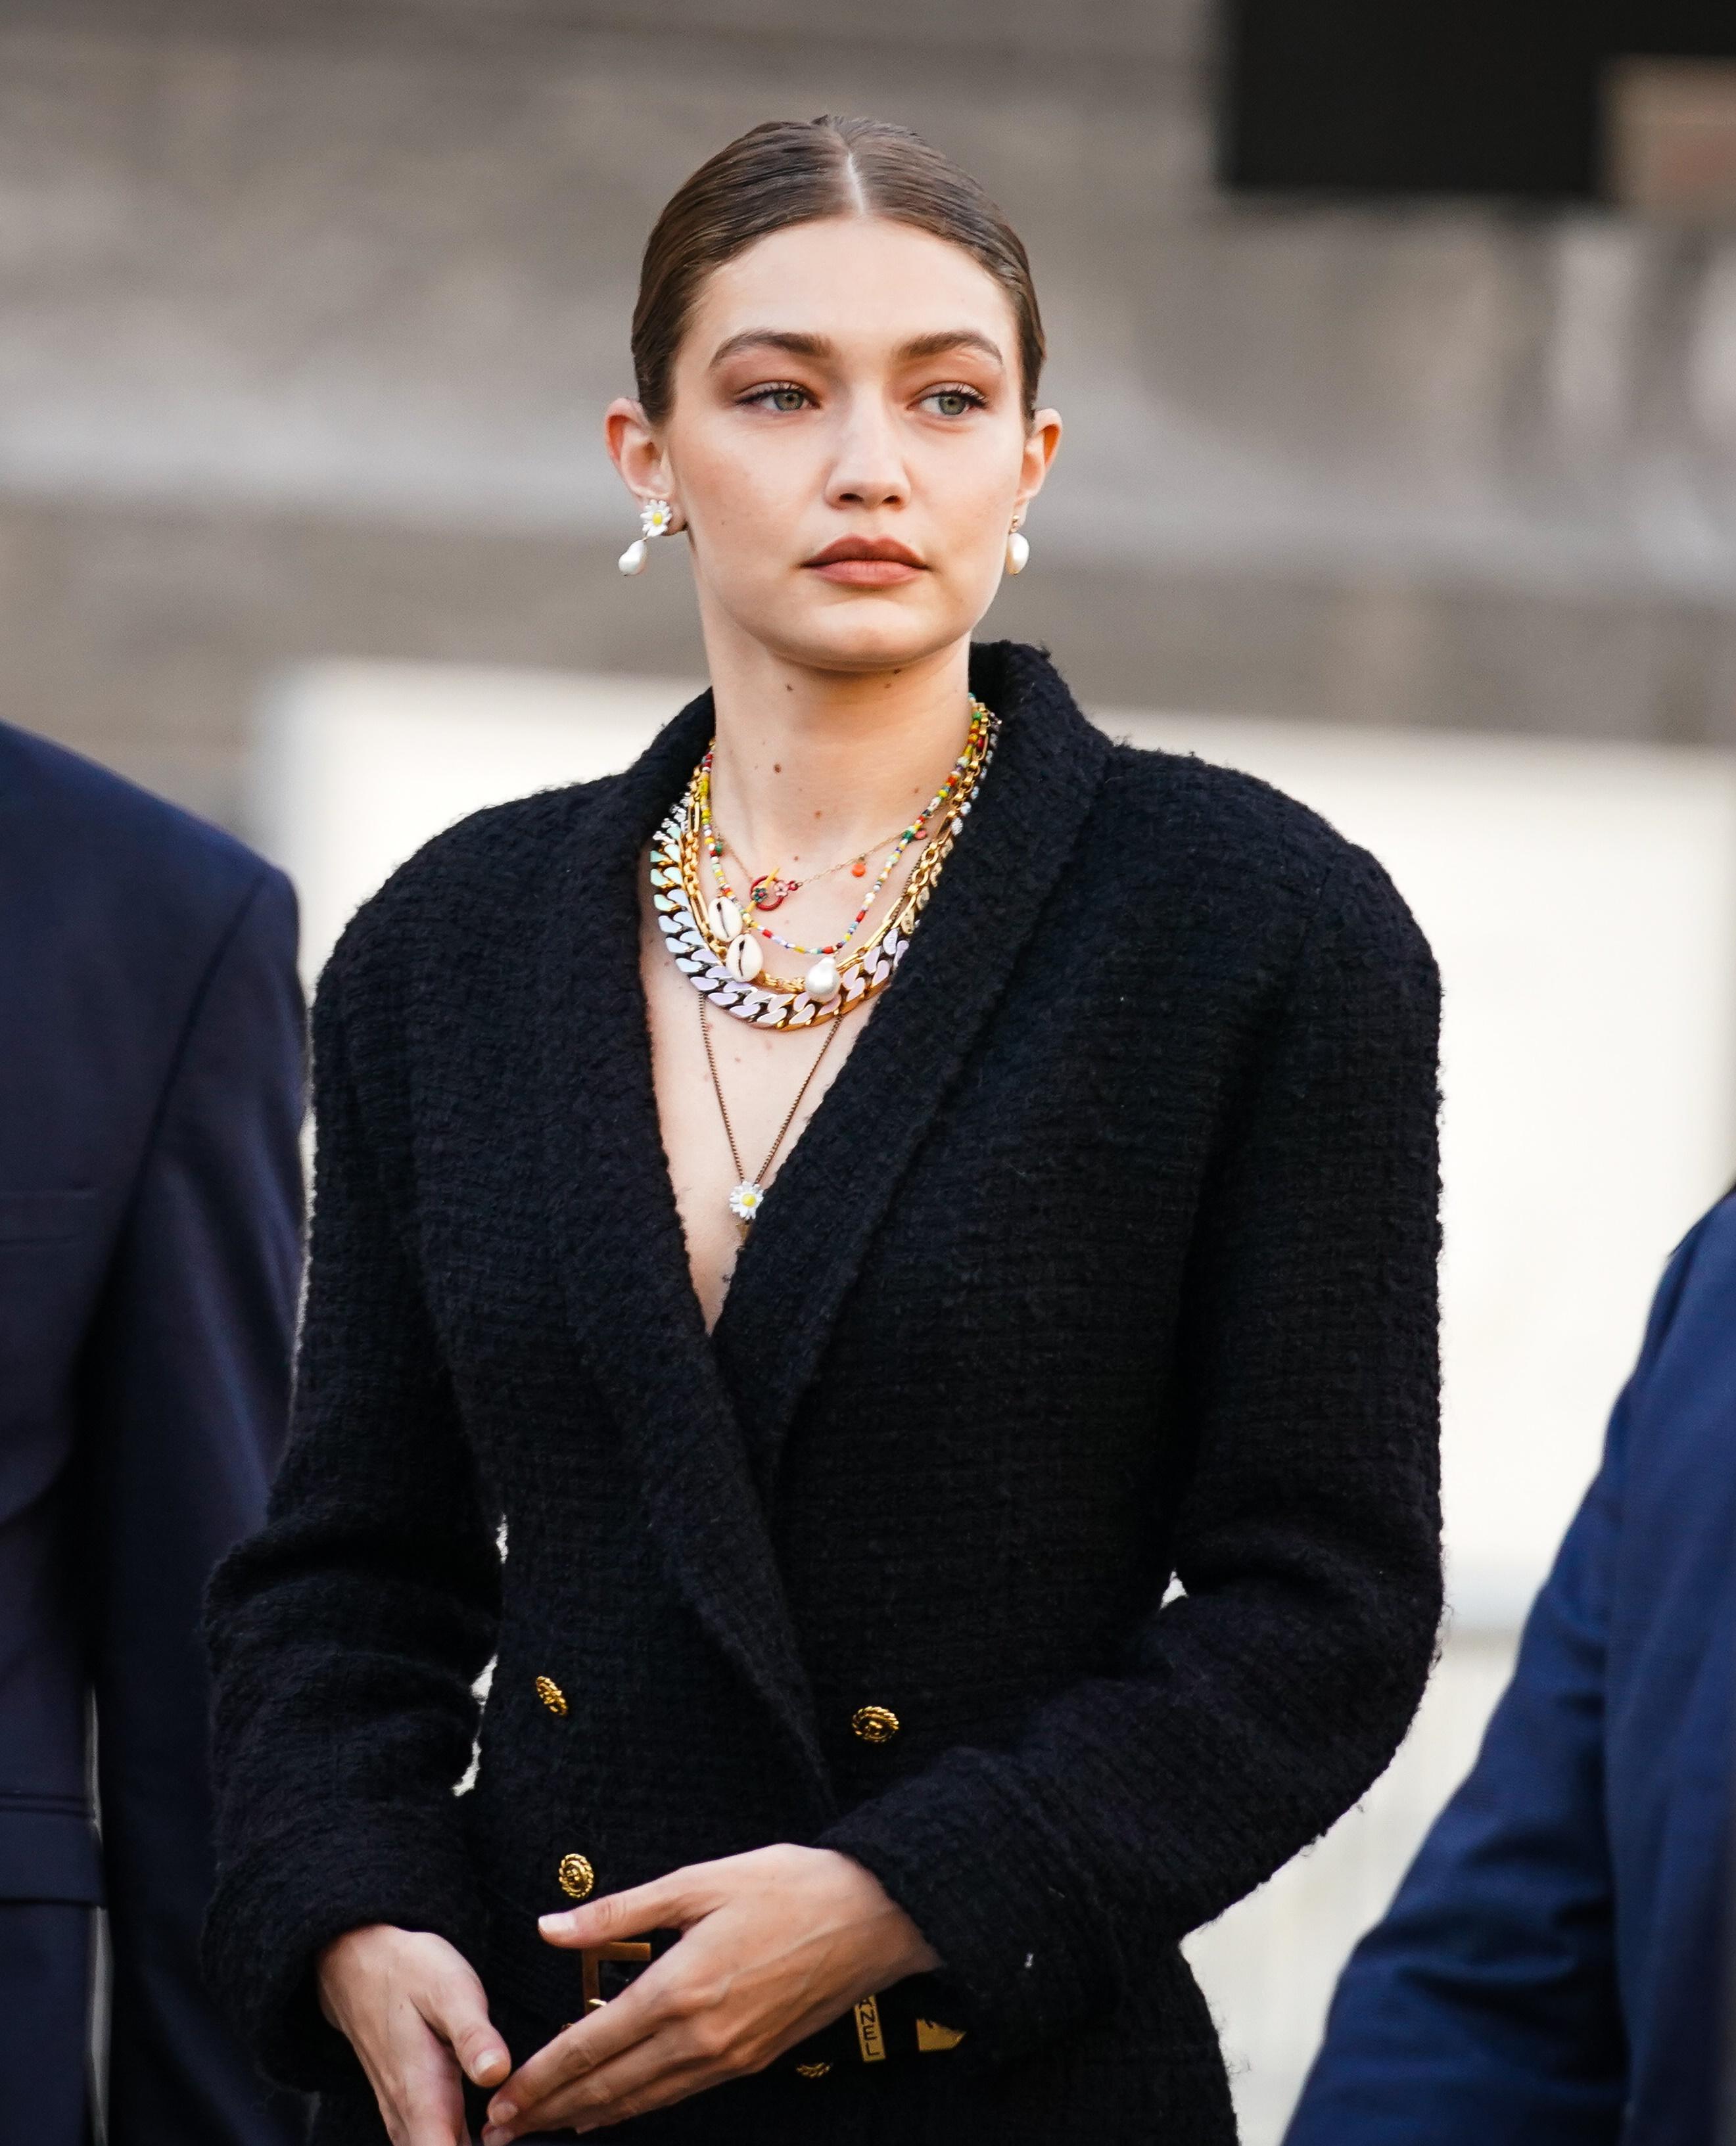 Модные забытые тенденции, которые вернулись в 2020 году: Микс золота и серебра